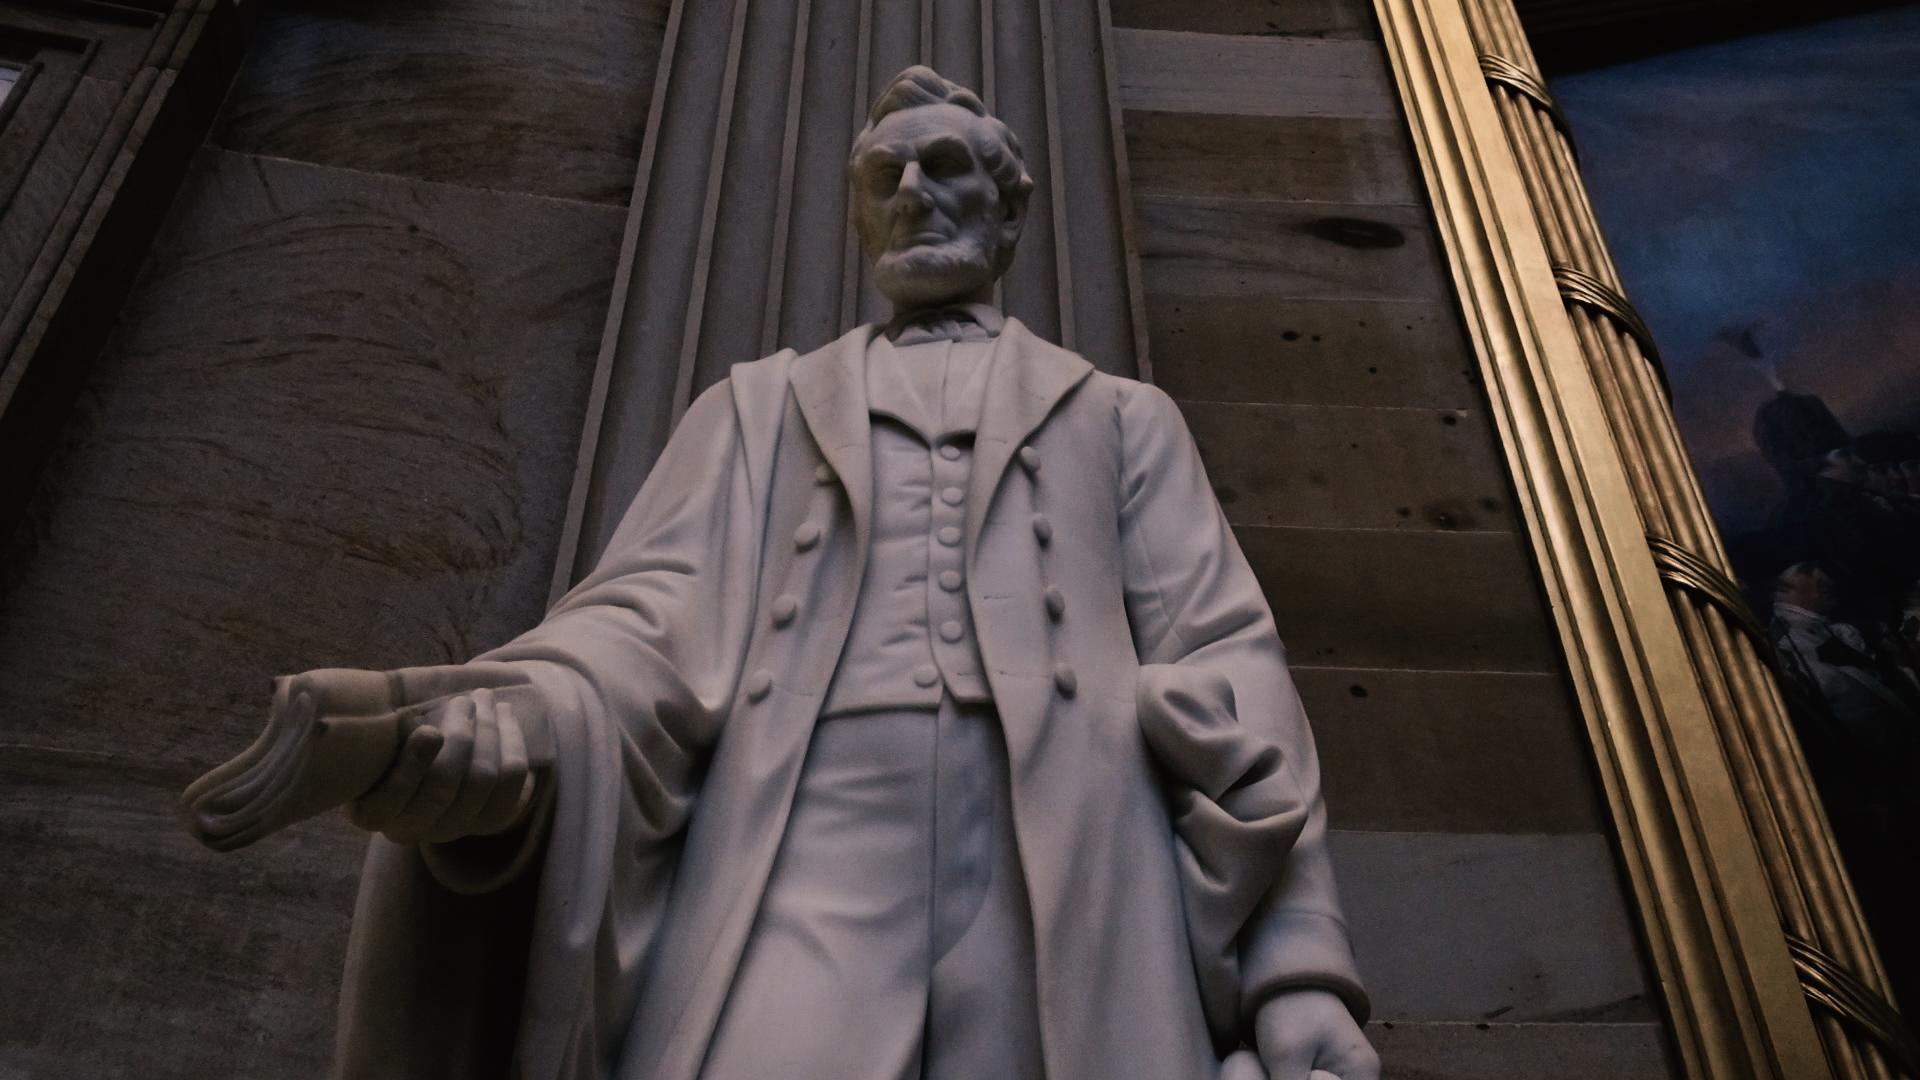 The Lincoln Project continues anti-Trump ad campaign